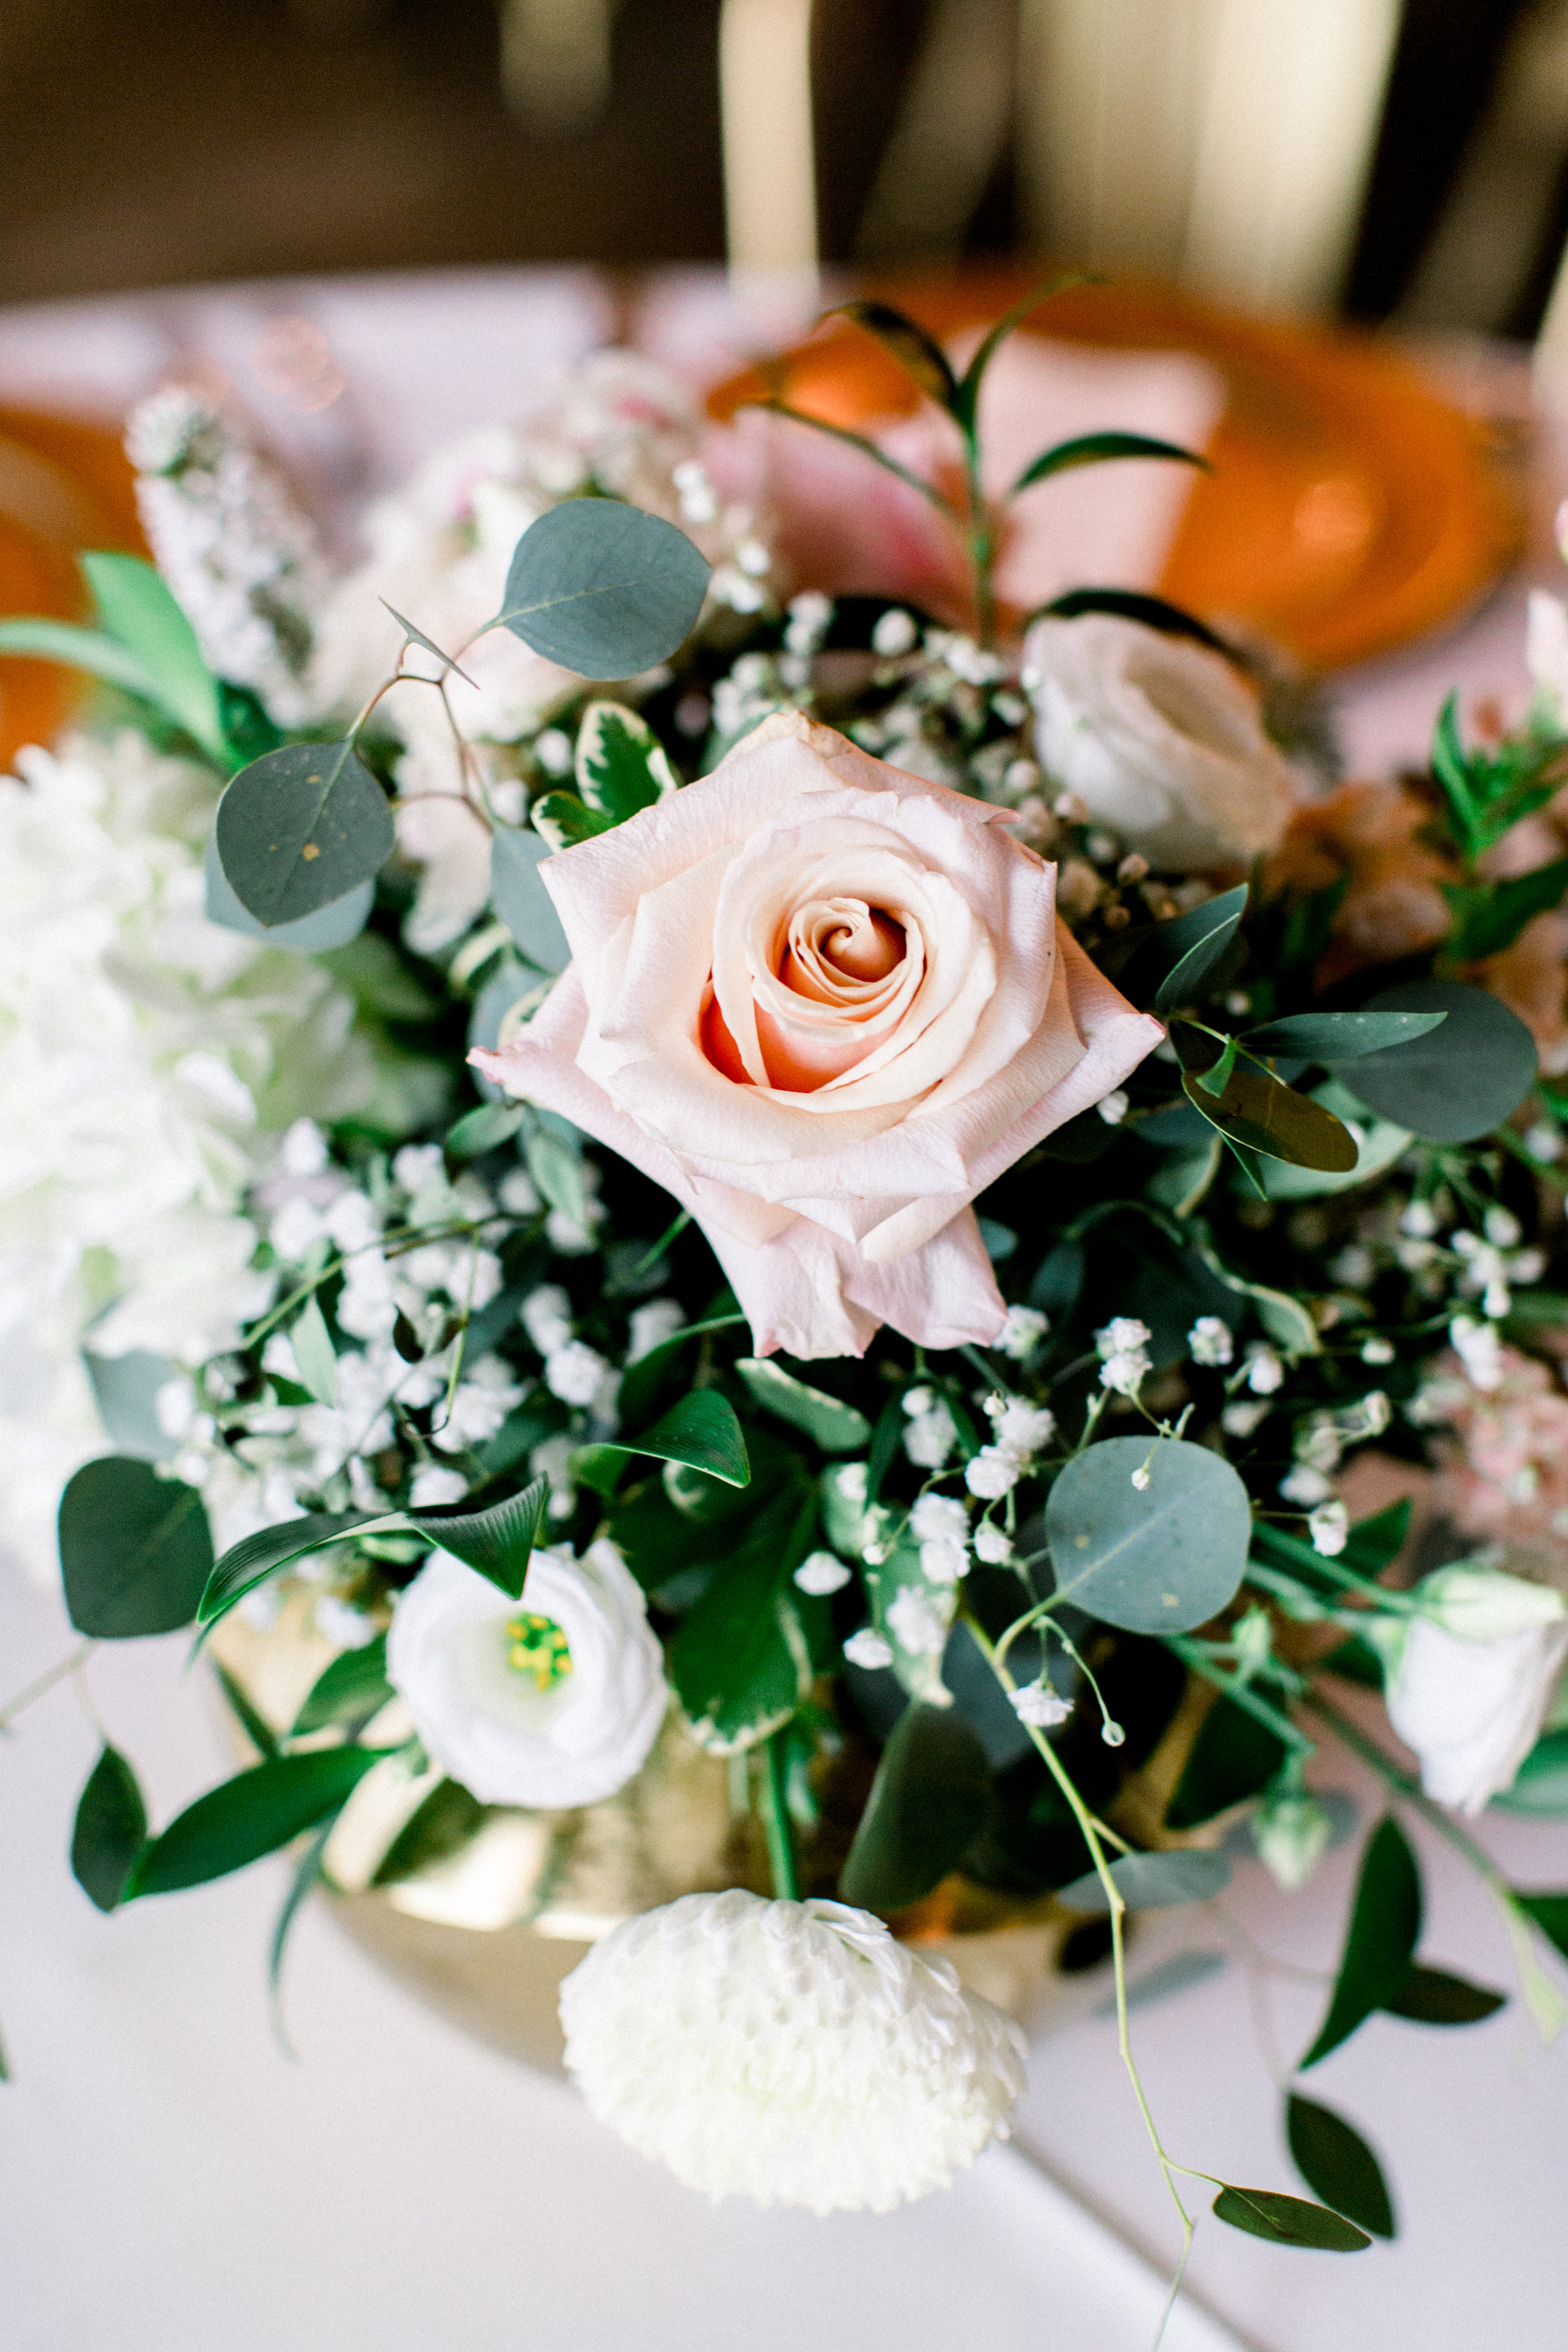 Steiner+Wedding+Reception+Details-56.jpg